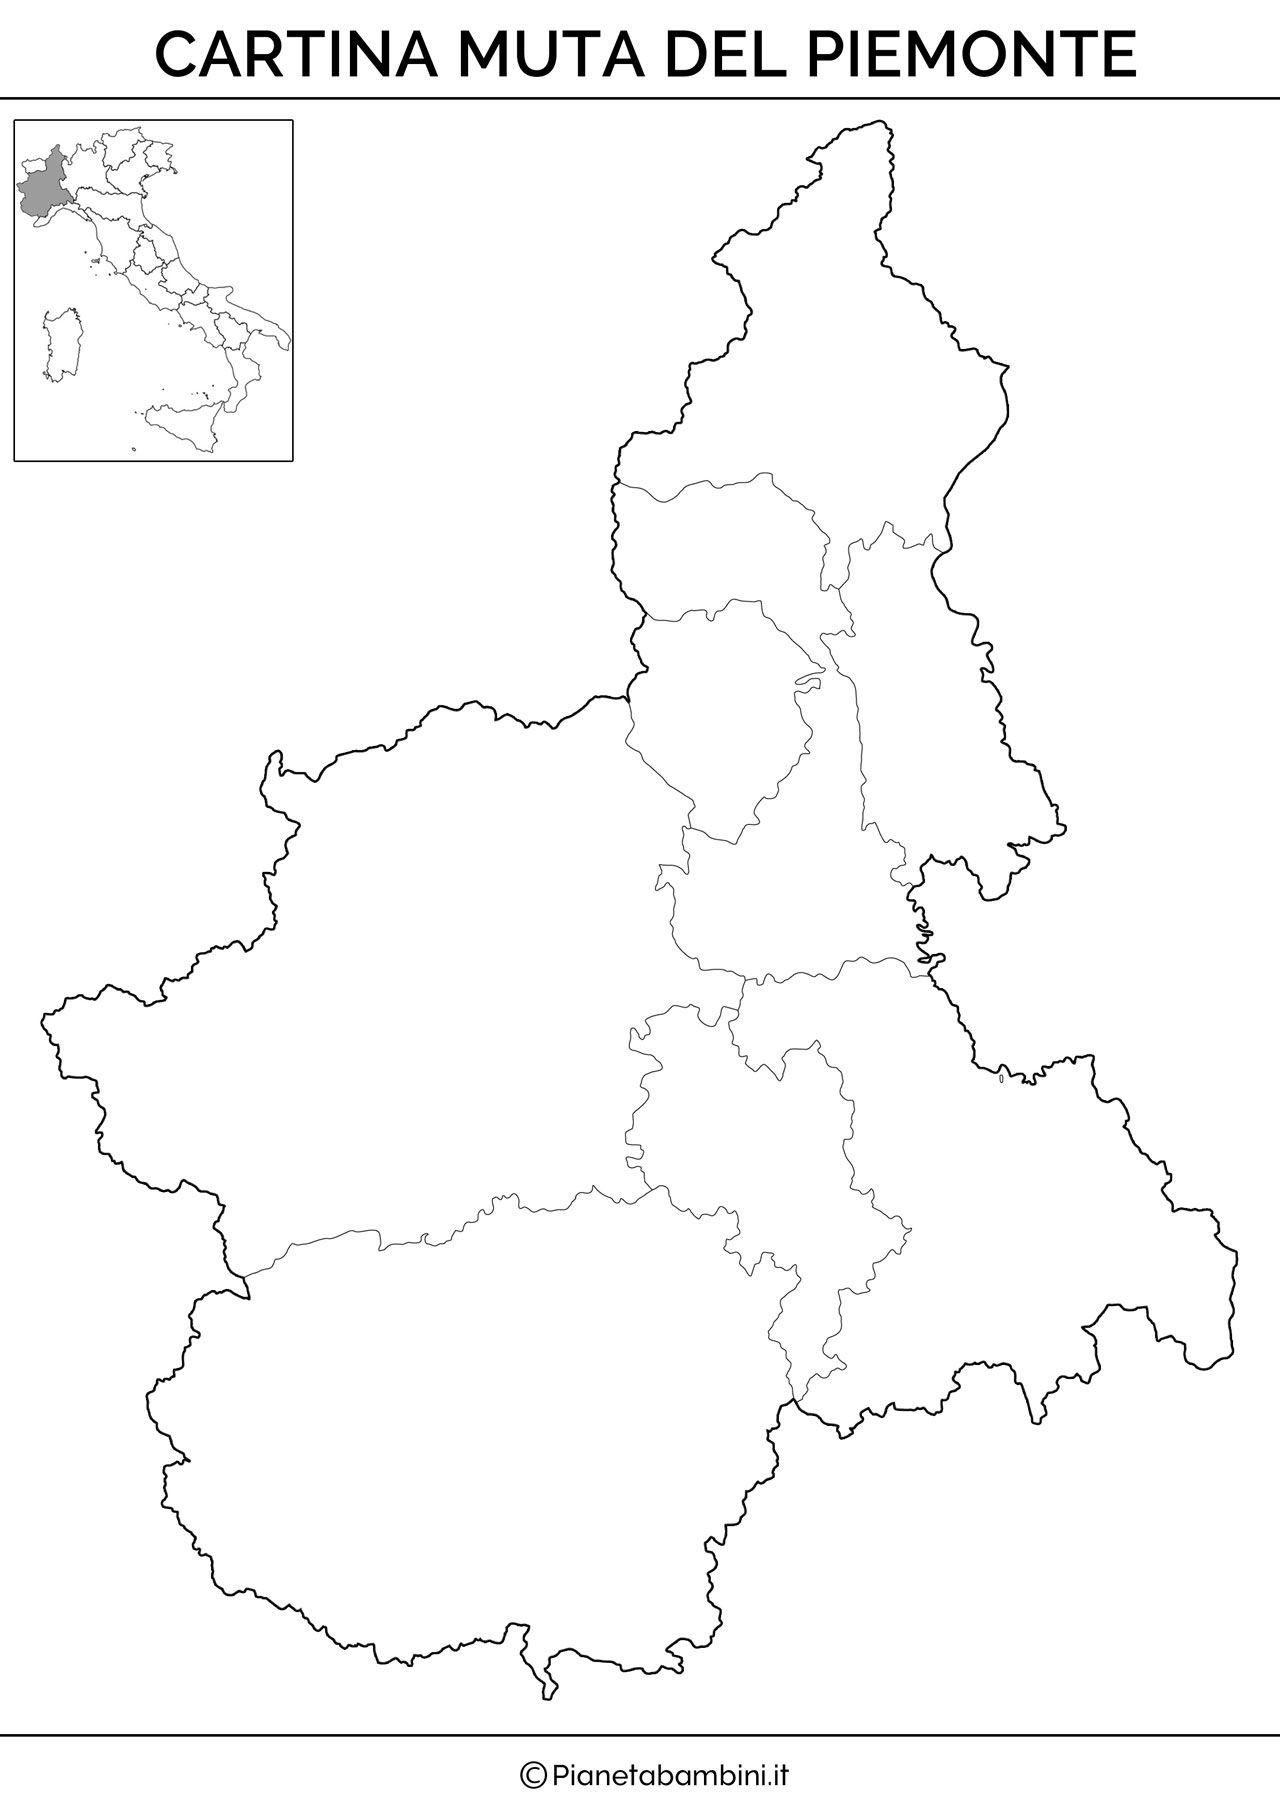 Cartina Sardegna Muta.Cartina Muta Fisica E Politica Del Piemonte Da Stampare Attivita Geografia Geografia Lezioni Di Scienze